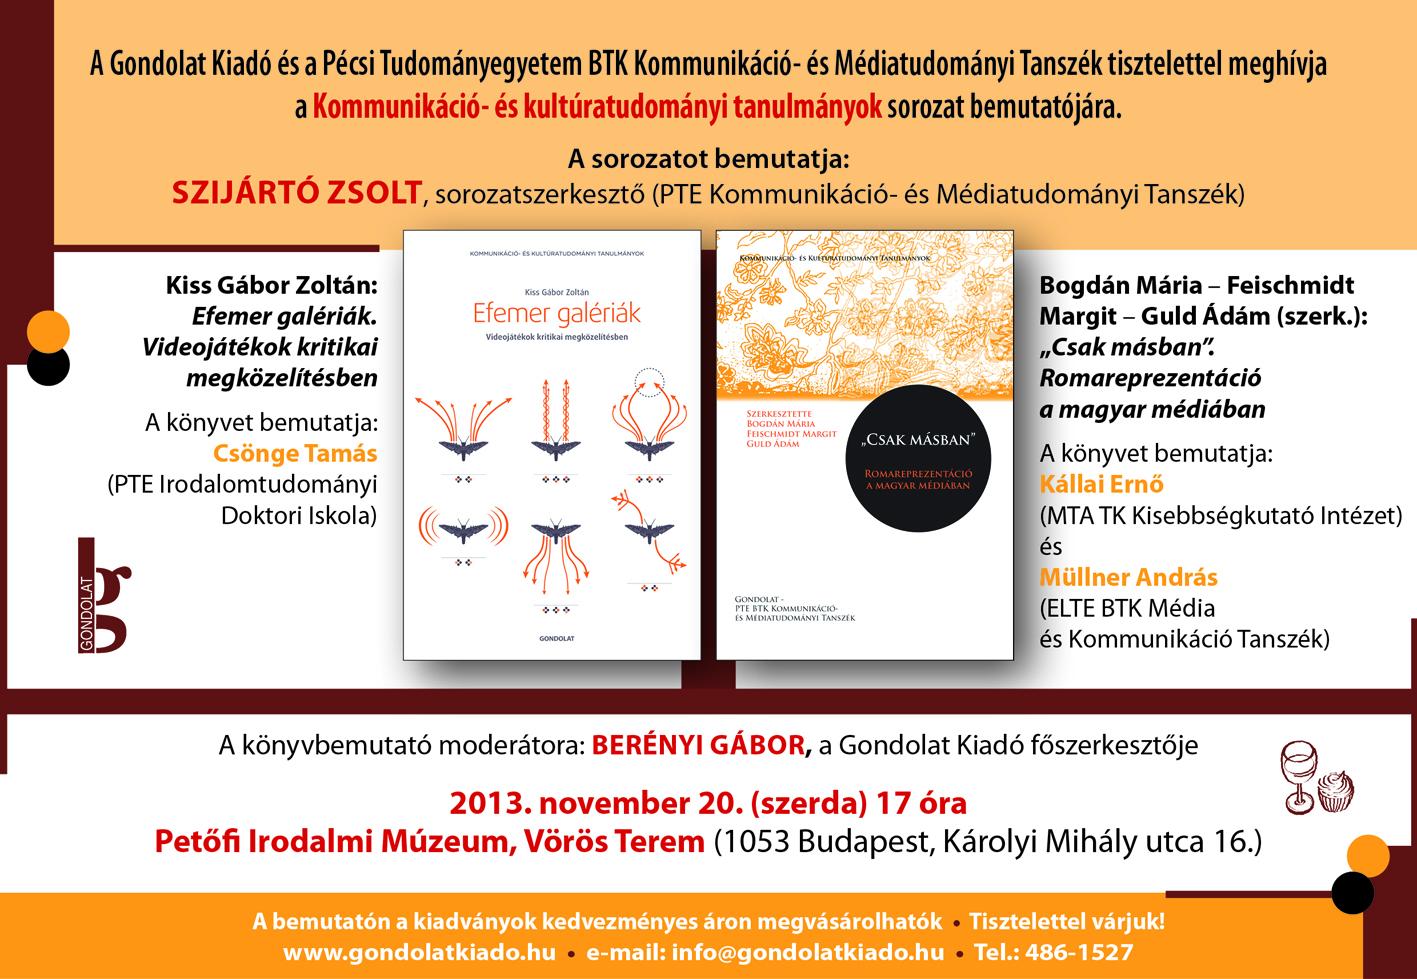 Könyvbemutató - Kommunikáció- és kultúratudományi tanulmányok sorozat